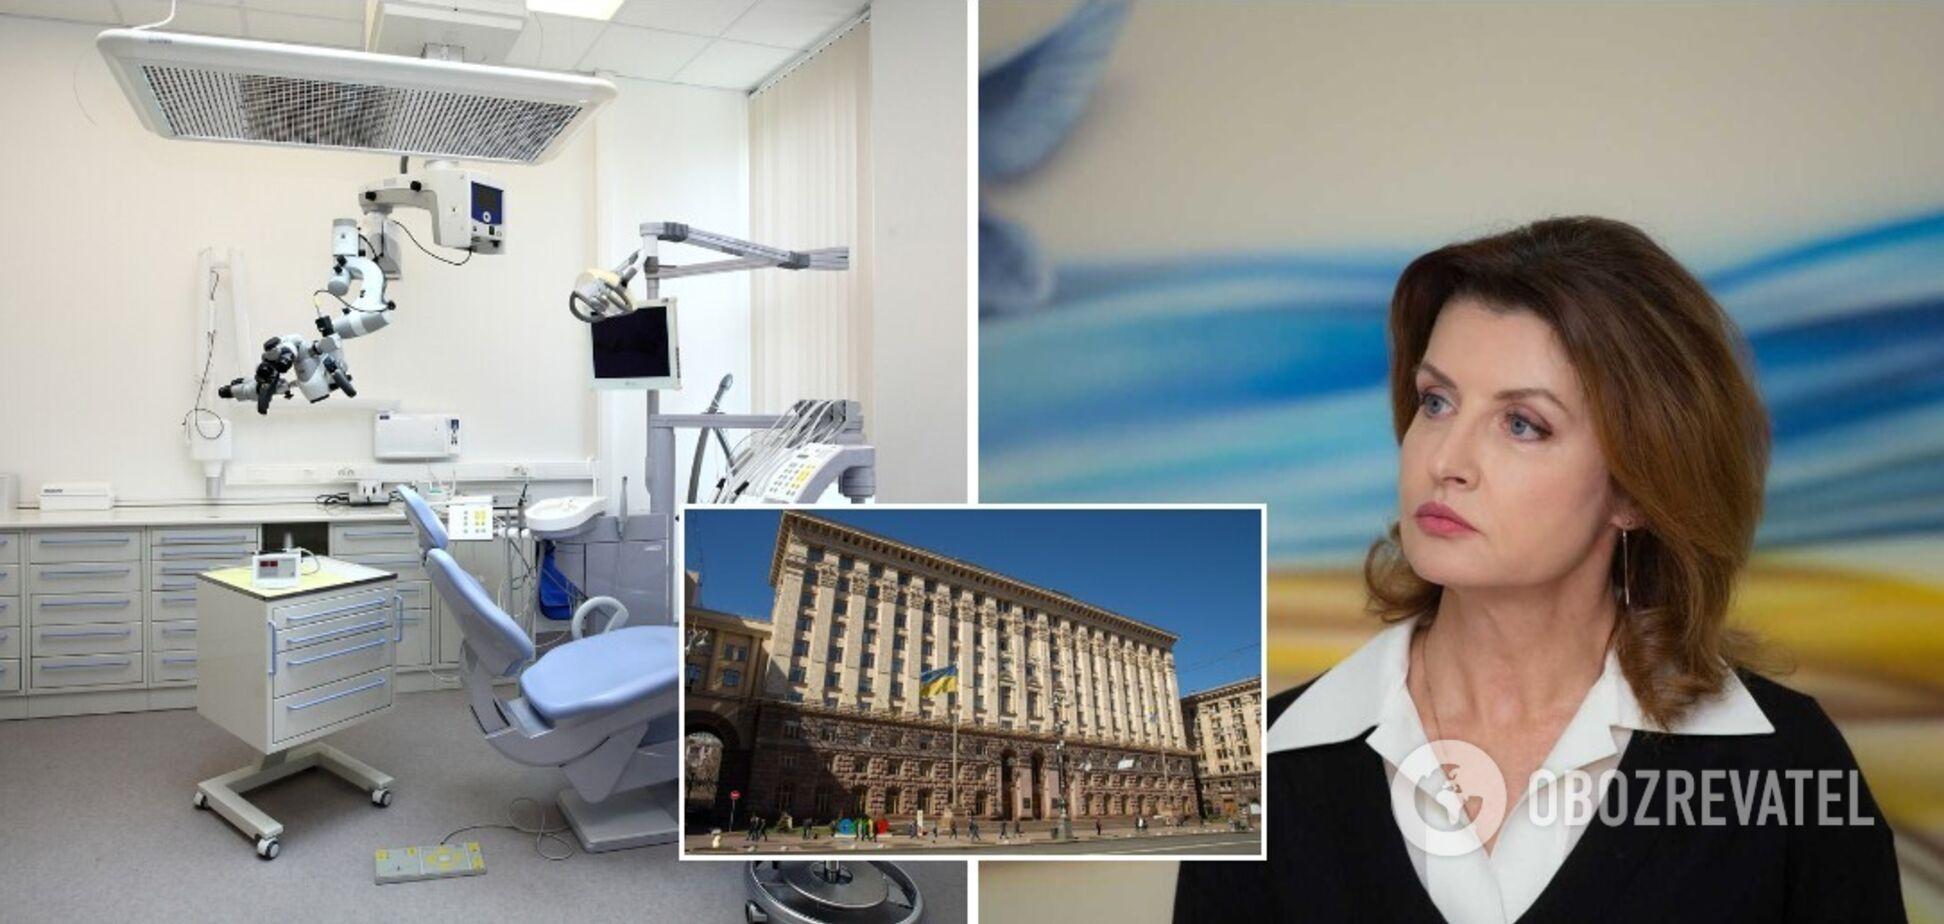 Марина Порошенко инициировала упрощение процедуры предоставления бесплатной лечебно-хирургической стоматологической помощи социально незащищенным киевлянам